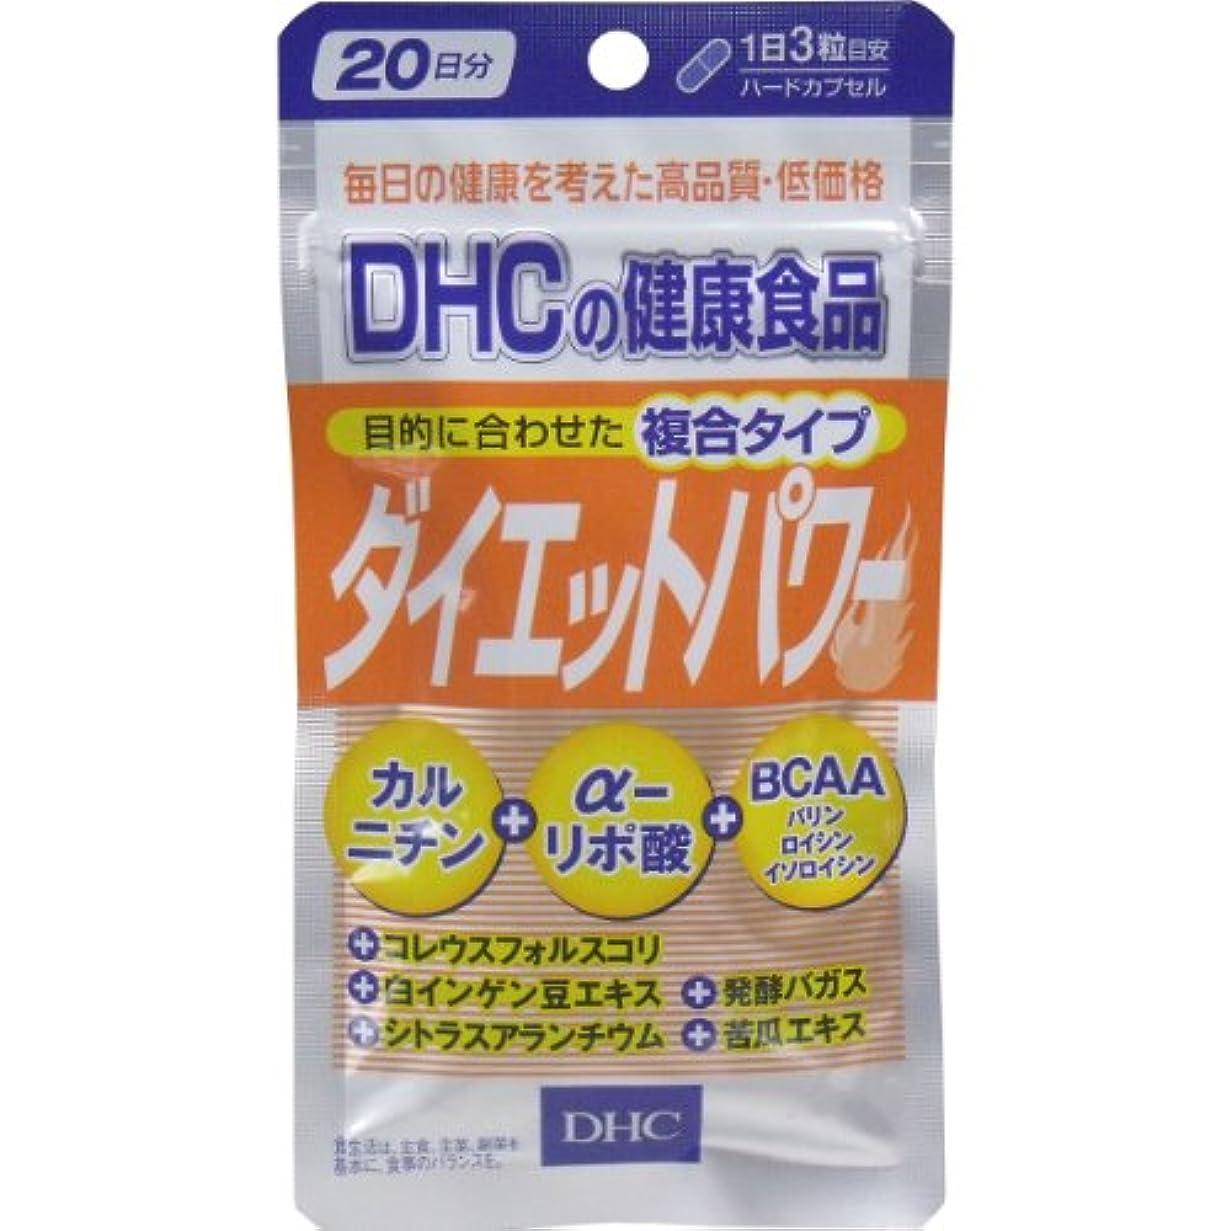 フォーマル牧草地泣き叫ぶDHC ダイエットパワー 60粒入 20日分